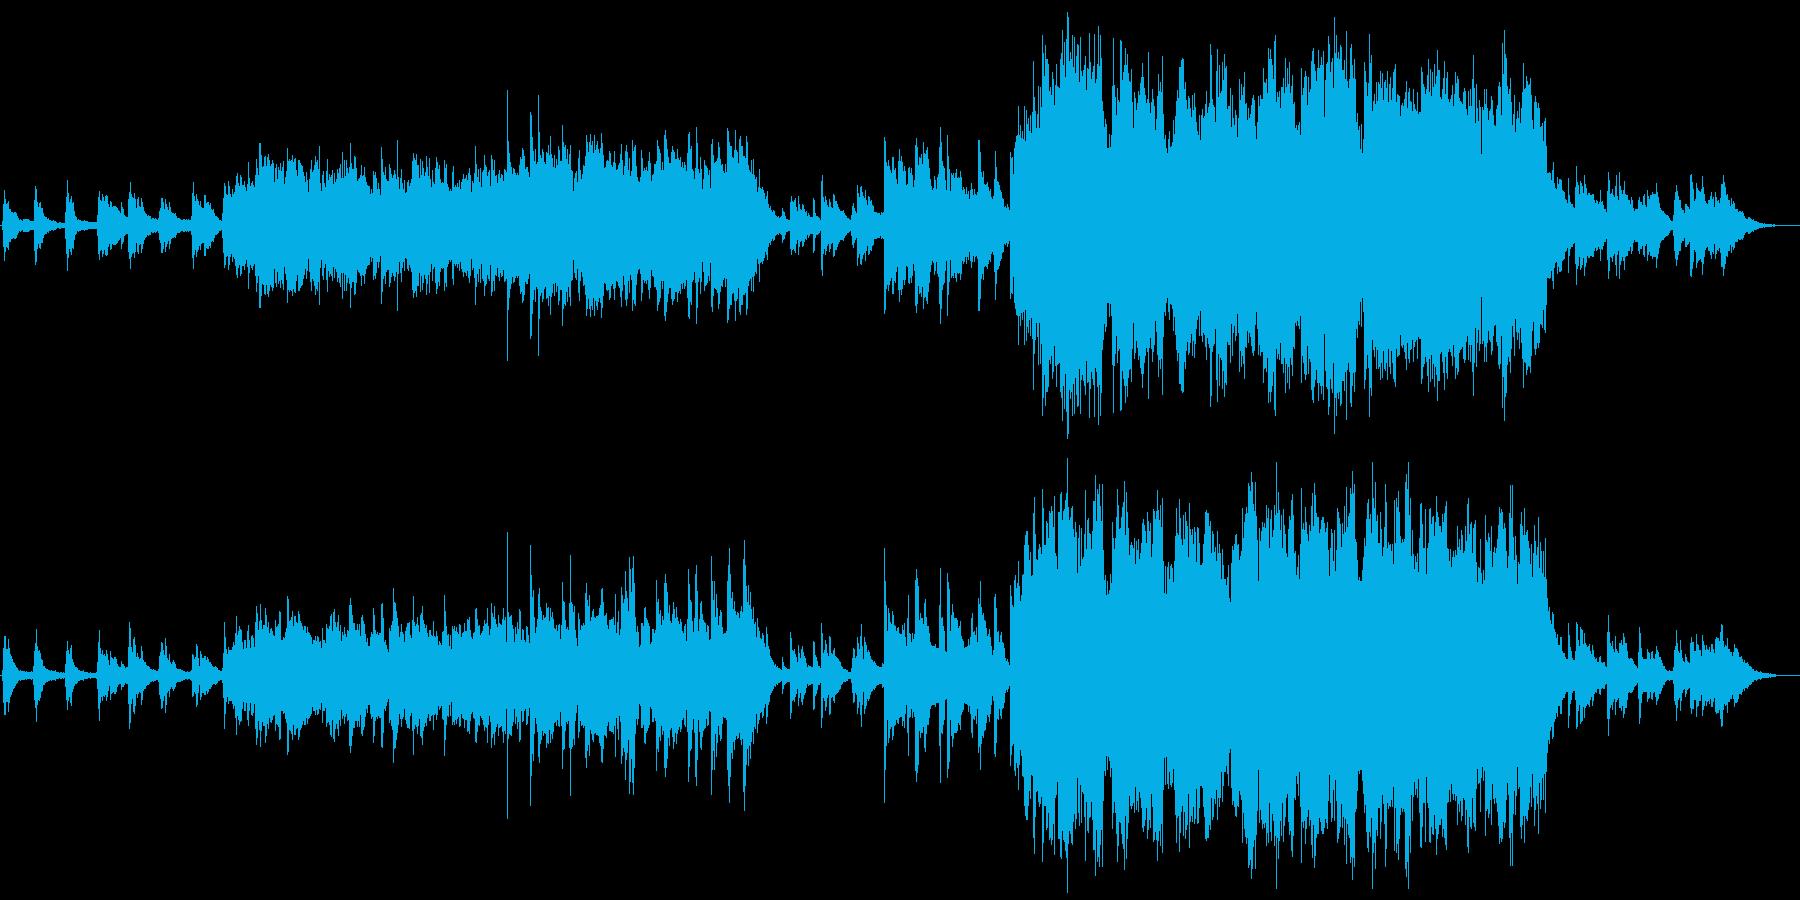 ファンタジー系、妖精の歌声の再生済みの波形